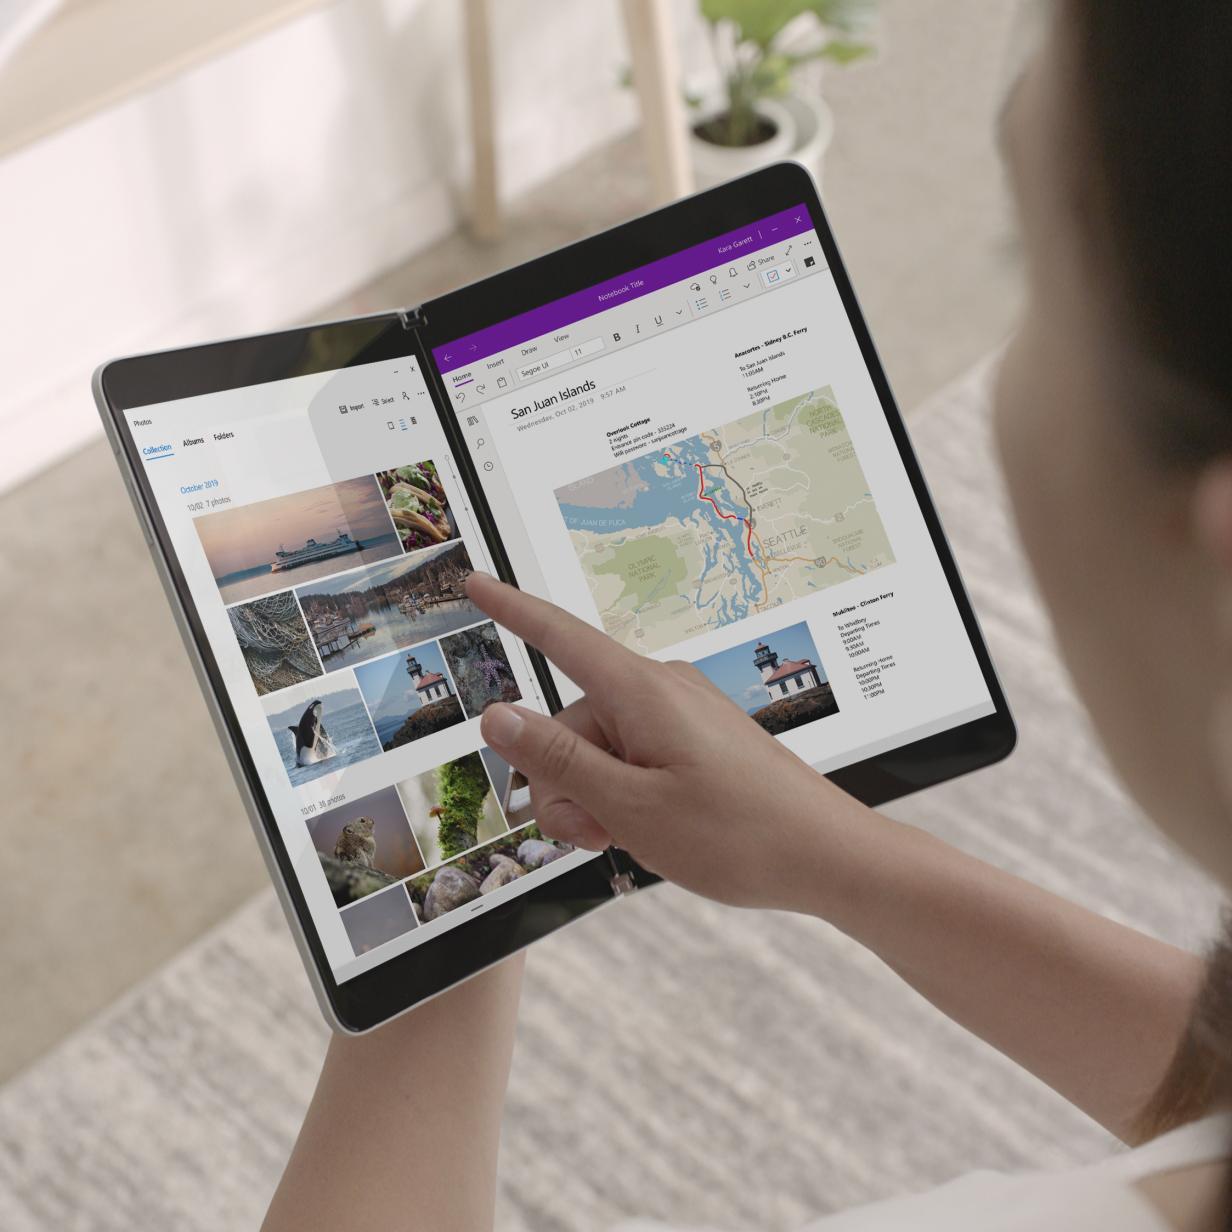 """Microsoft: """"Android ist bestes Betriebssystem für mobile Geräte"""""""